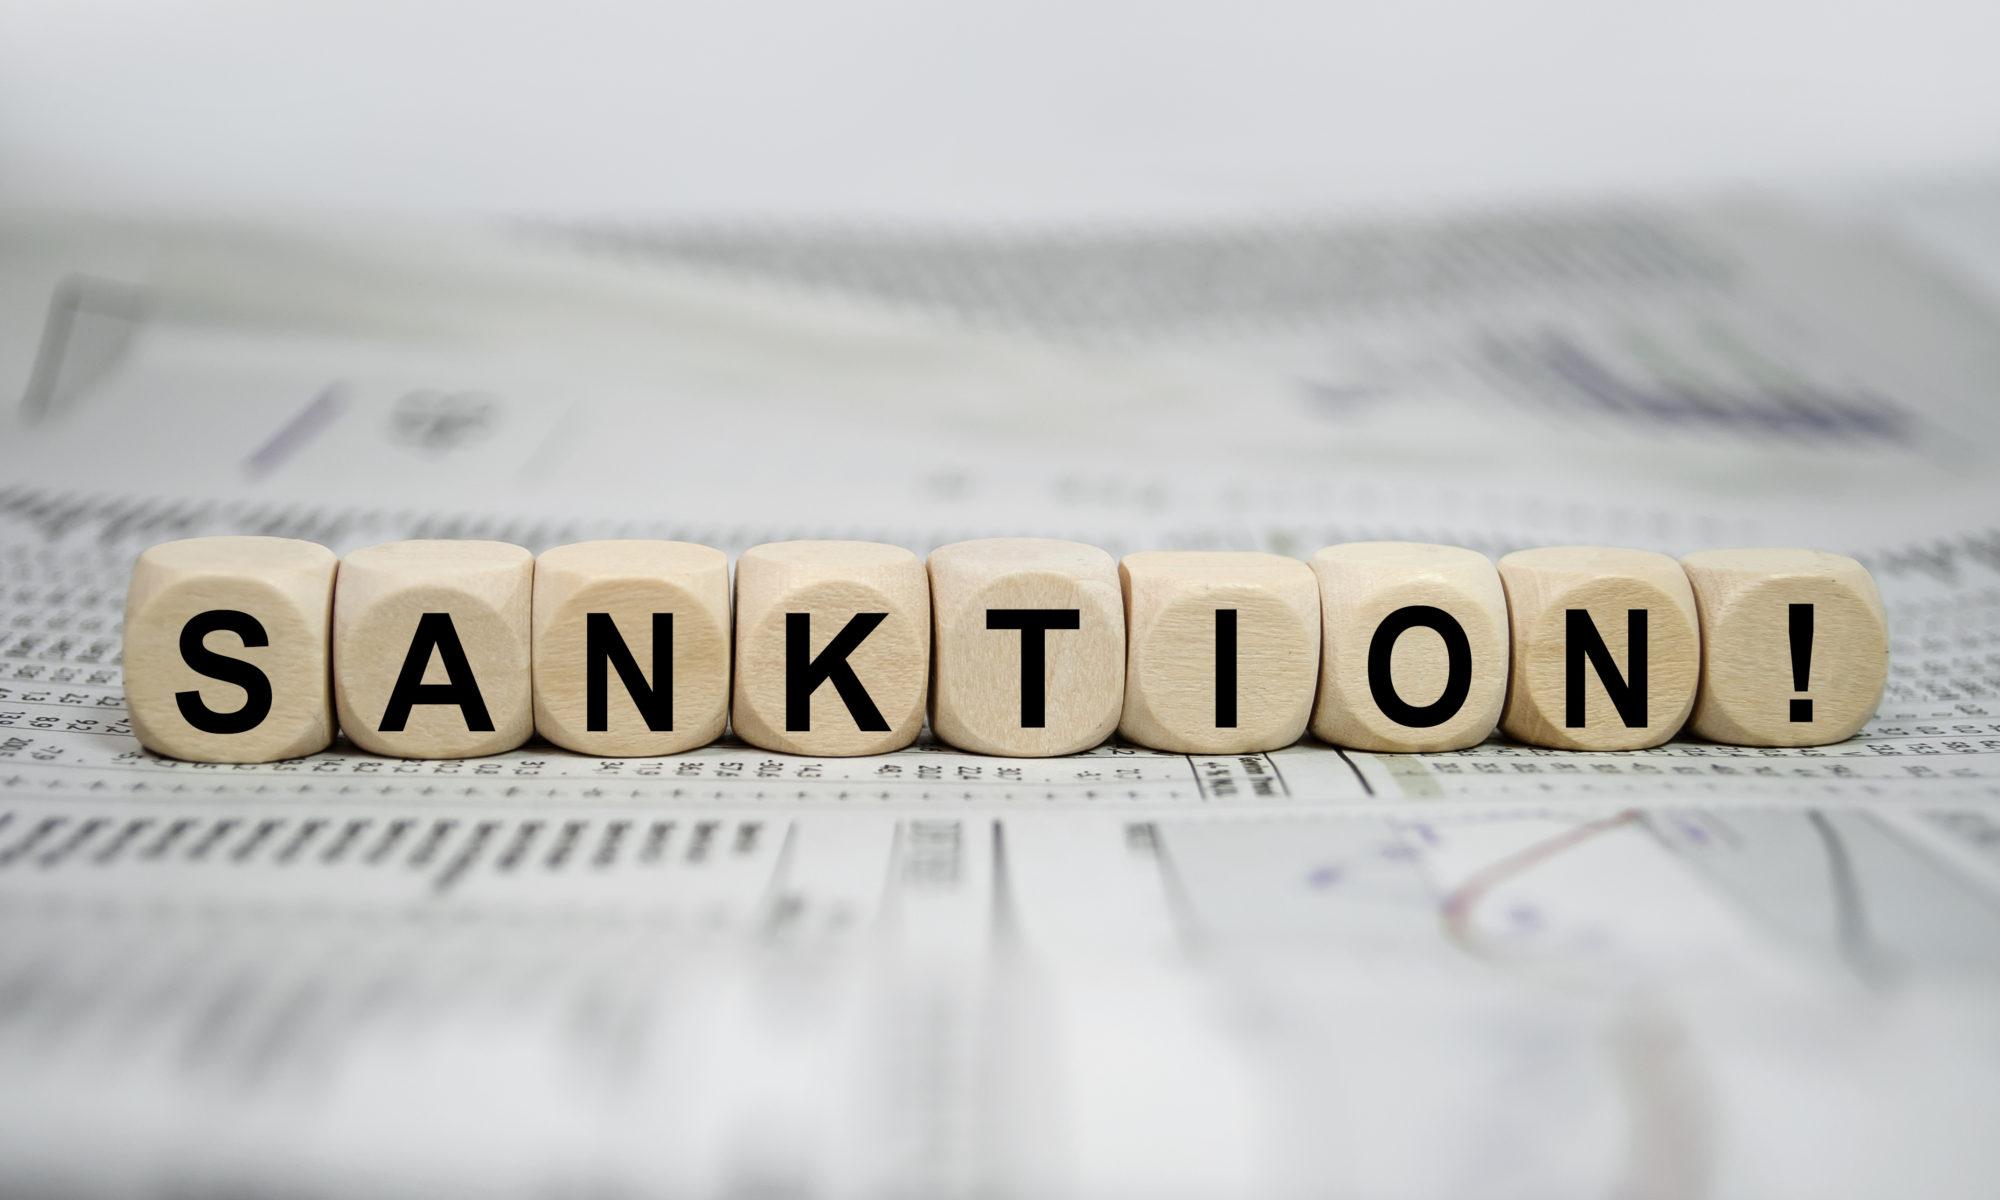 AdobeStock 72458105 2000x1200 - Hartz IV: Zahl der Sanktionen nimmt wieder zu